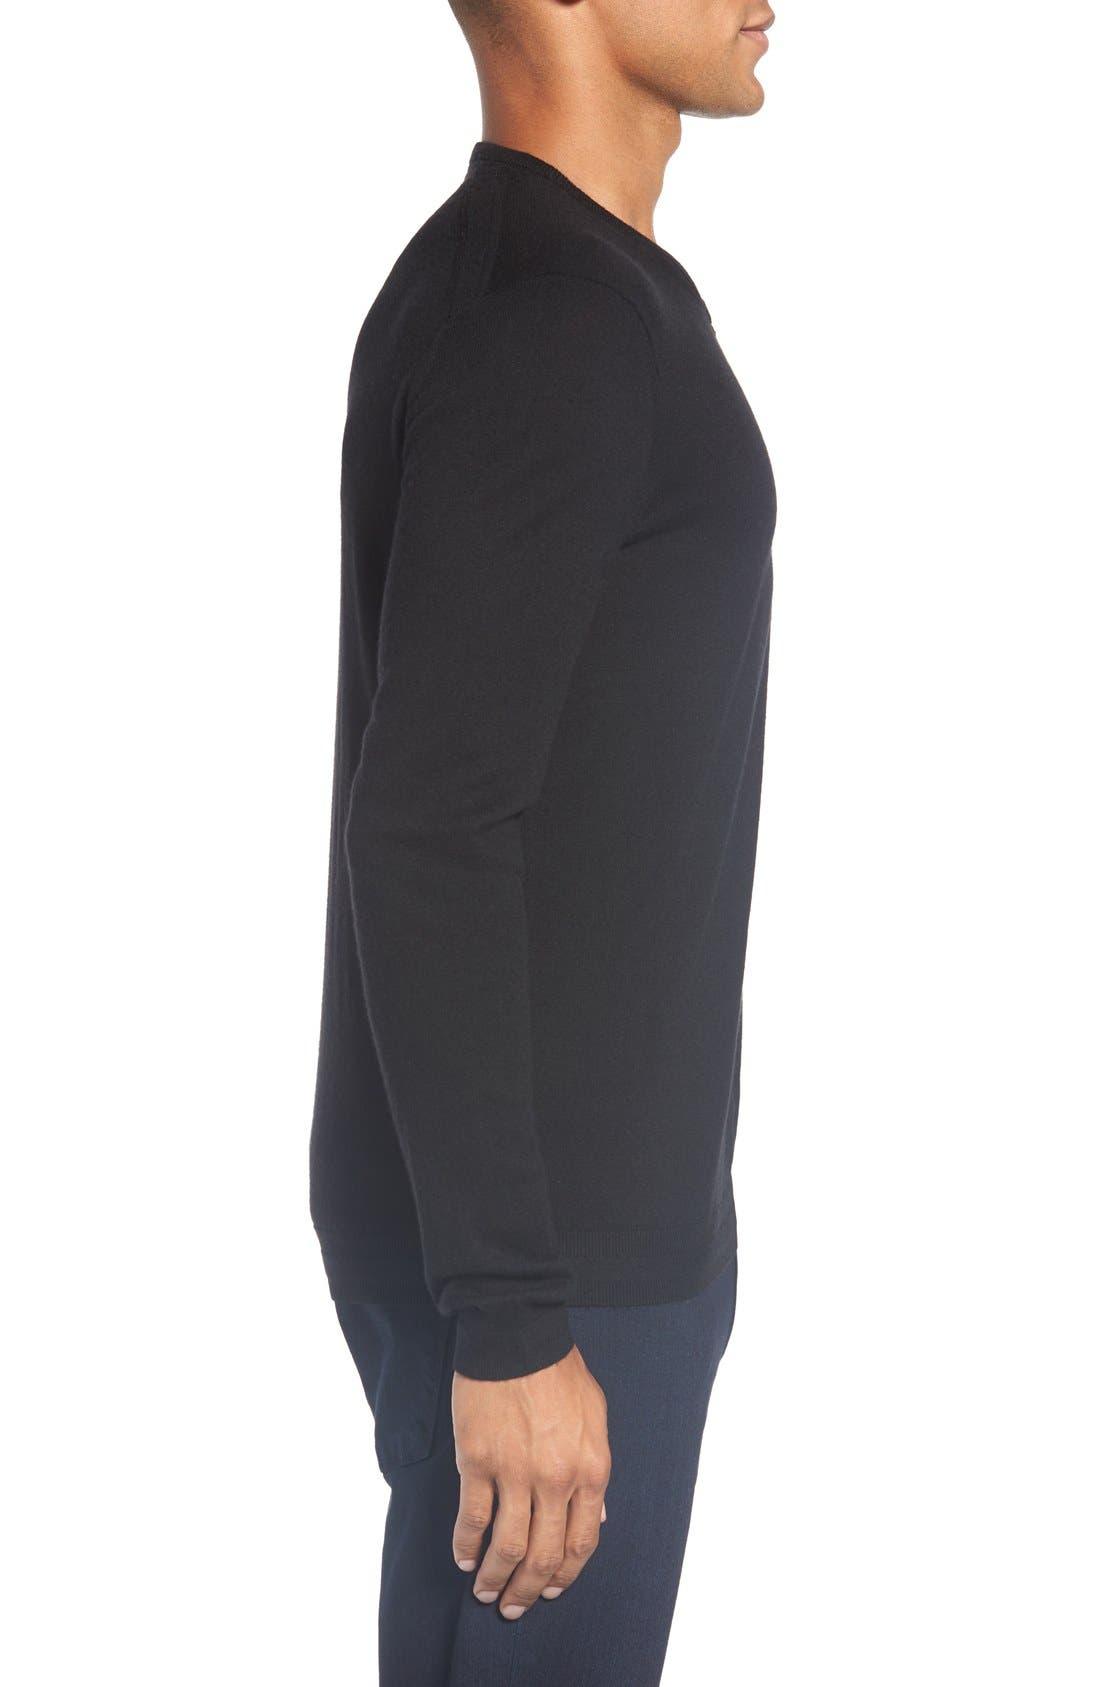 'Cashguy' Trim Fit V-Neck Sweater,                             Alternate thumbnail 3, color,                             001